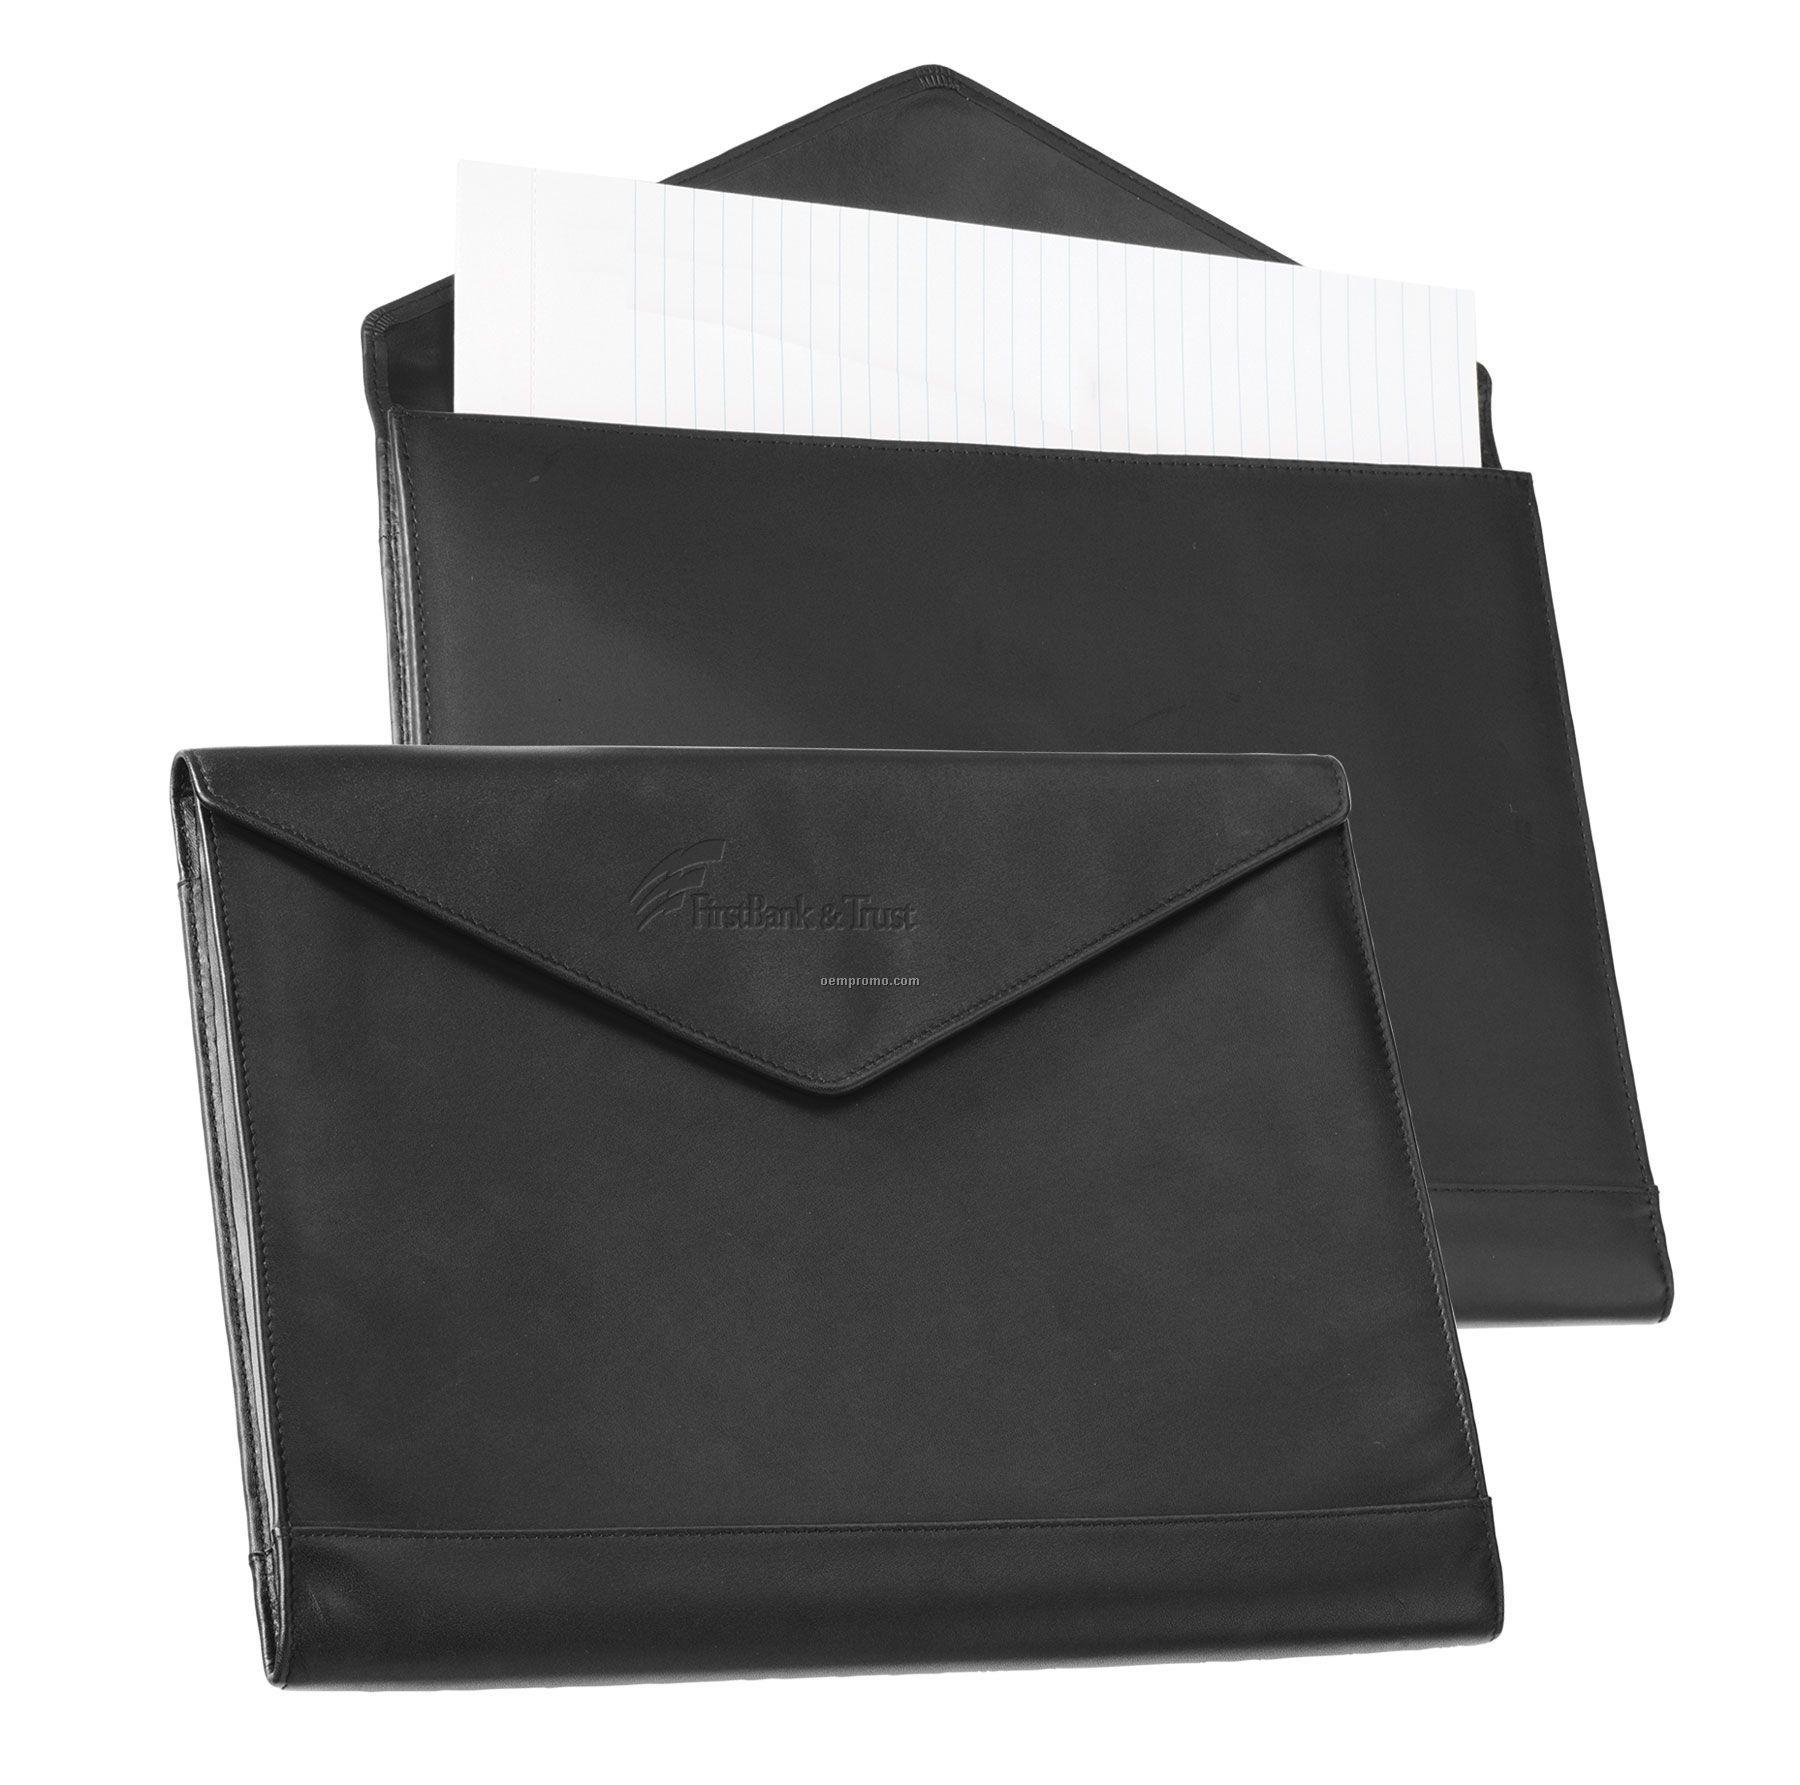 Buxton Leather Supermo Envelope